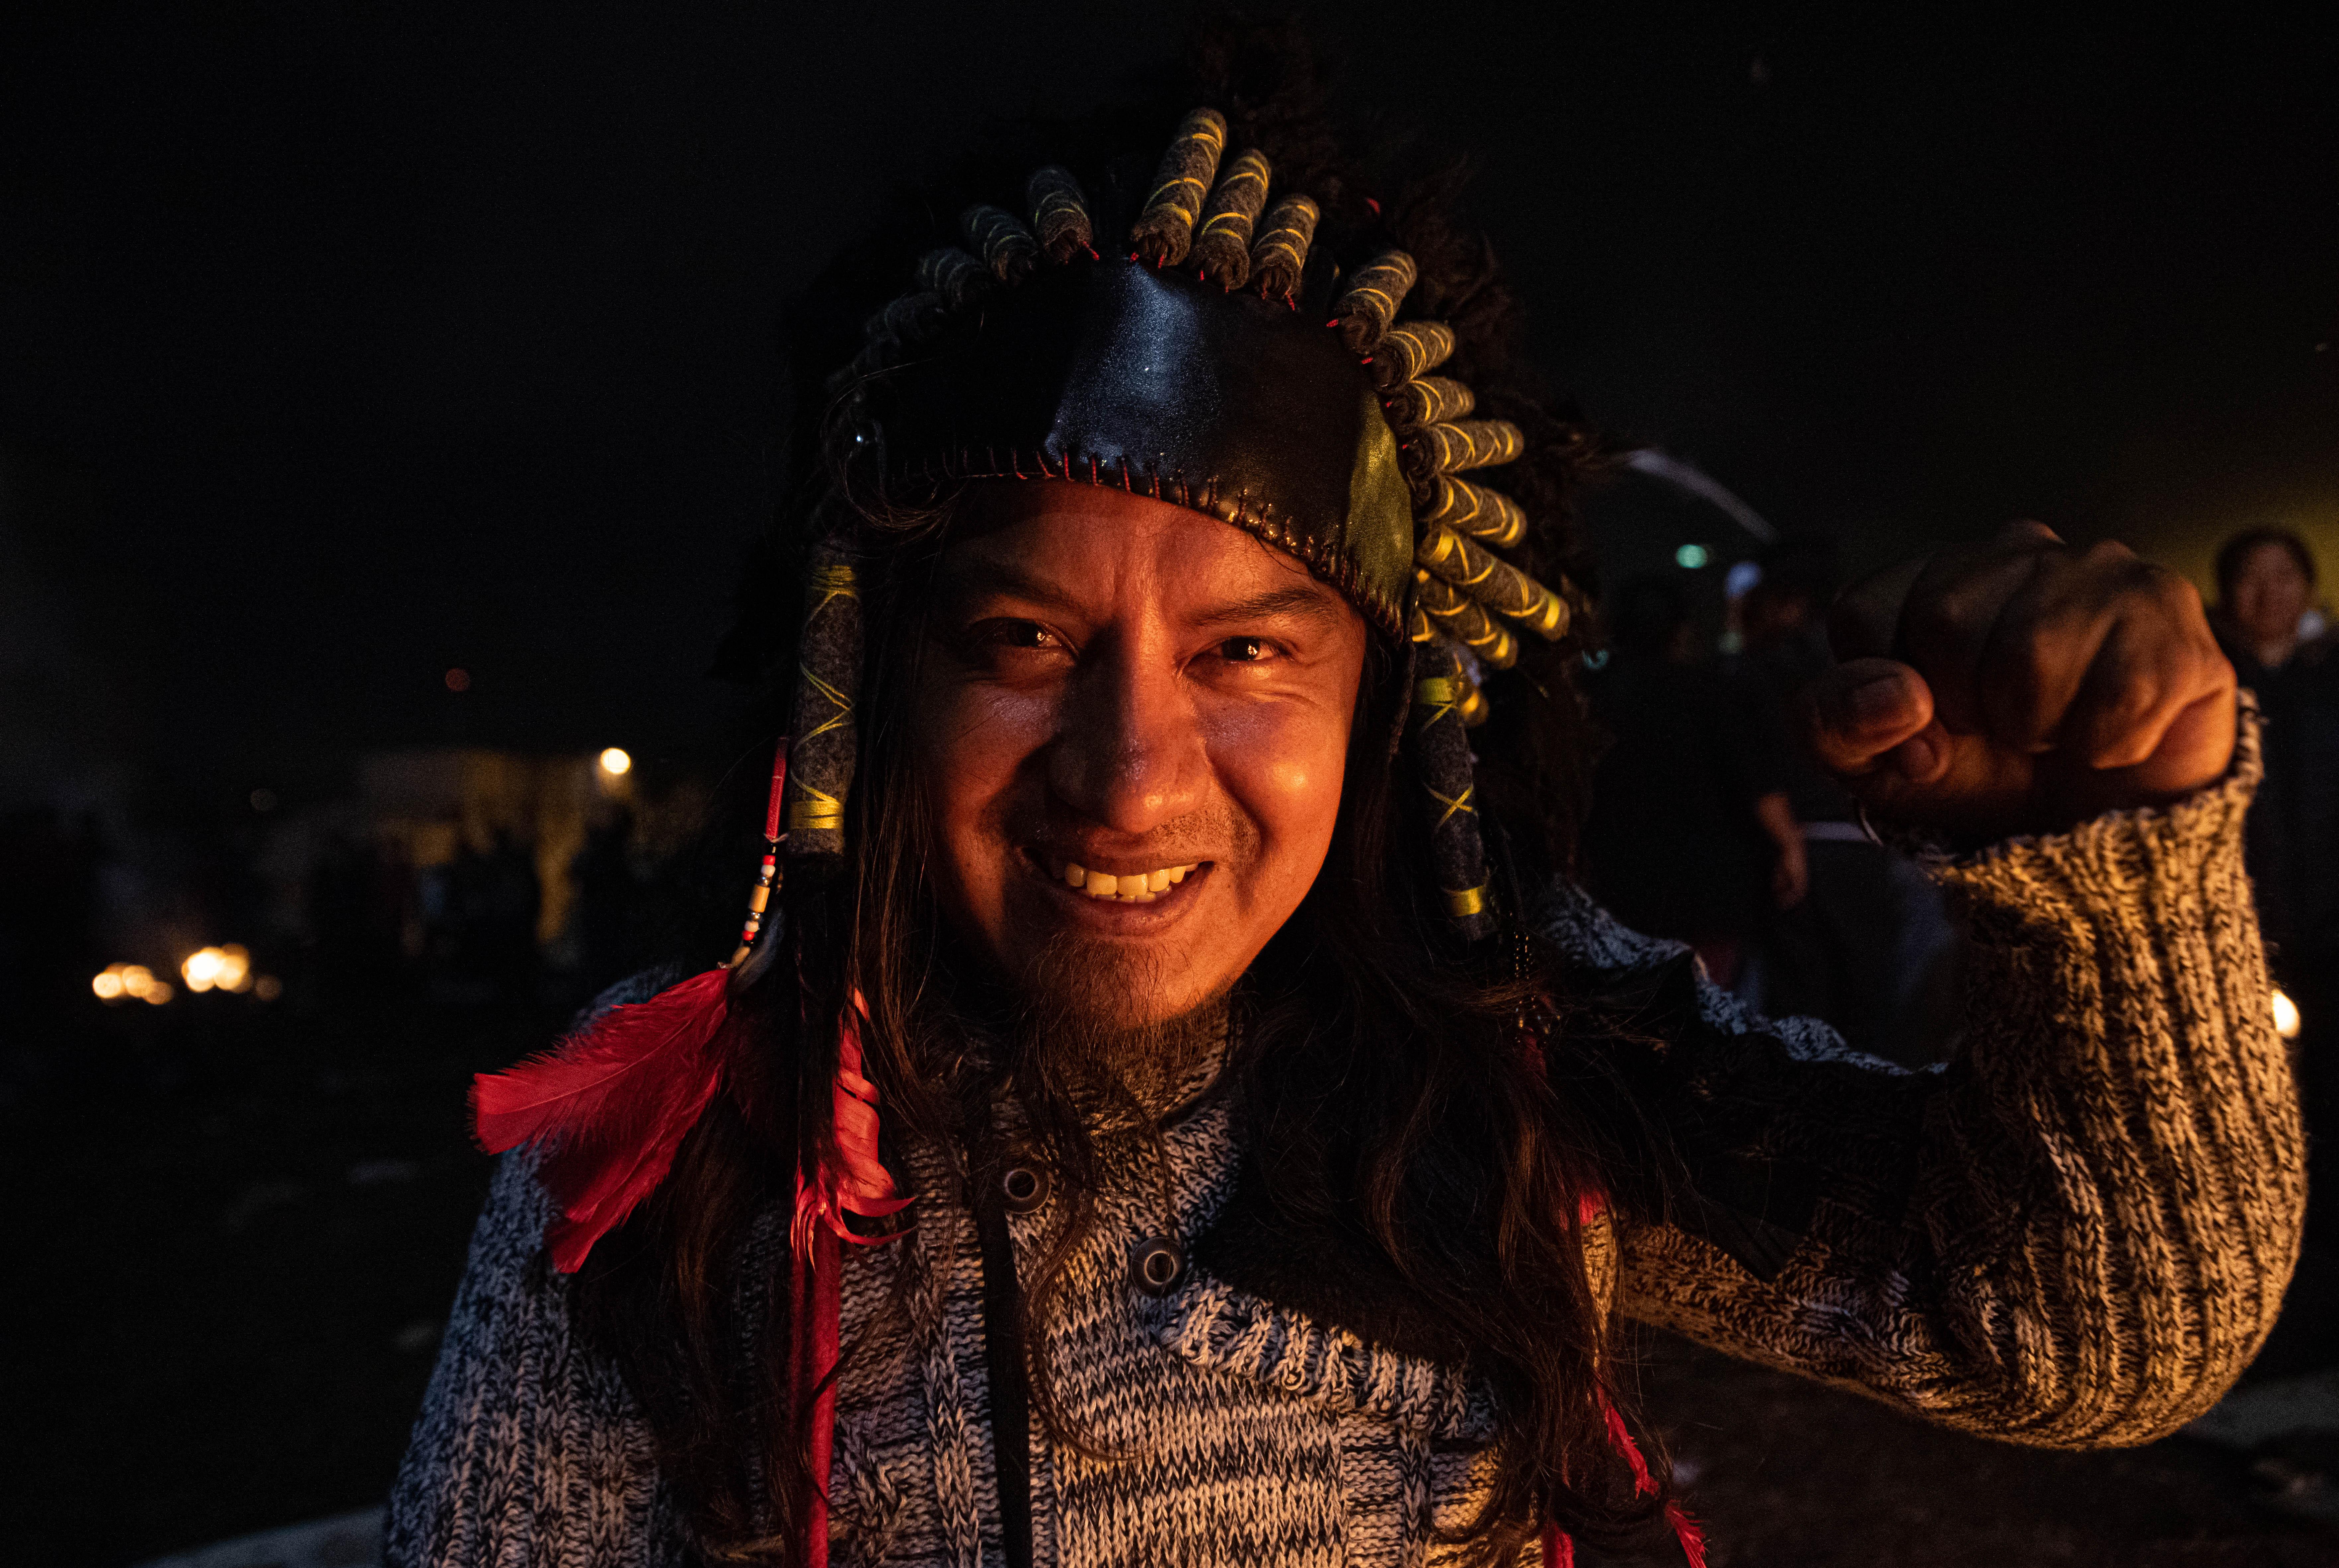 Miles de manifestantes de la Confederación de Nacionalidades Indígenas (Conaie), que lideró las protestas, salieron a la calle a celebrar el domingo a la noche.